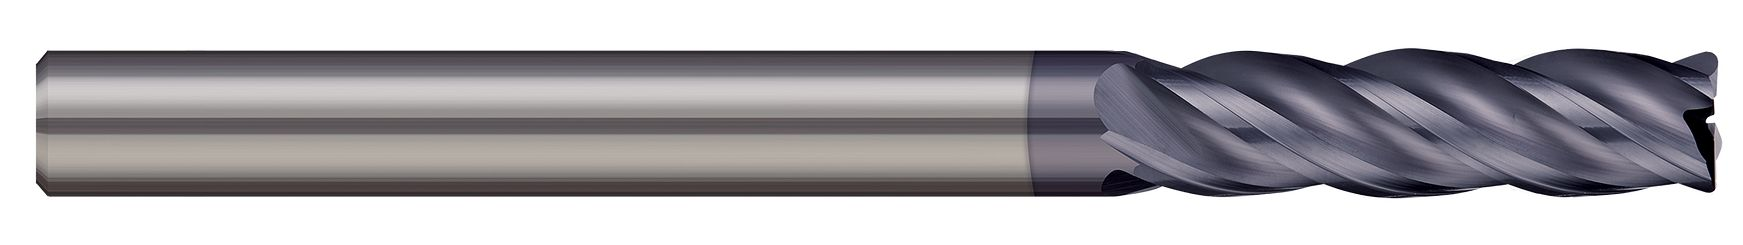 tool-details-VLM-250-5-020K